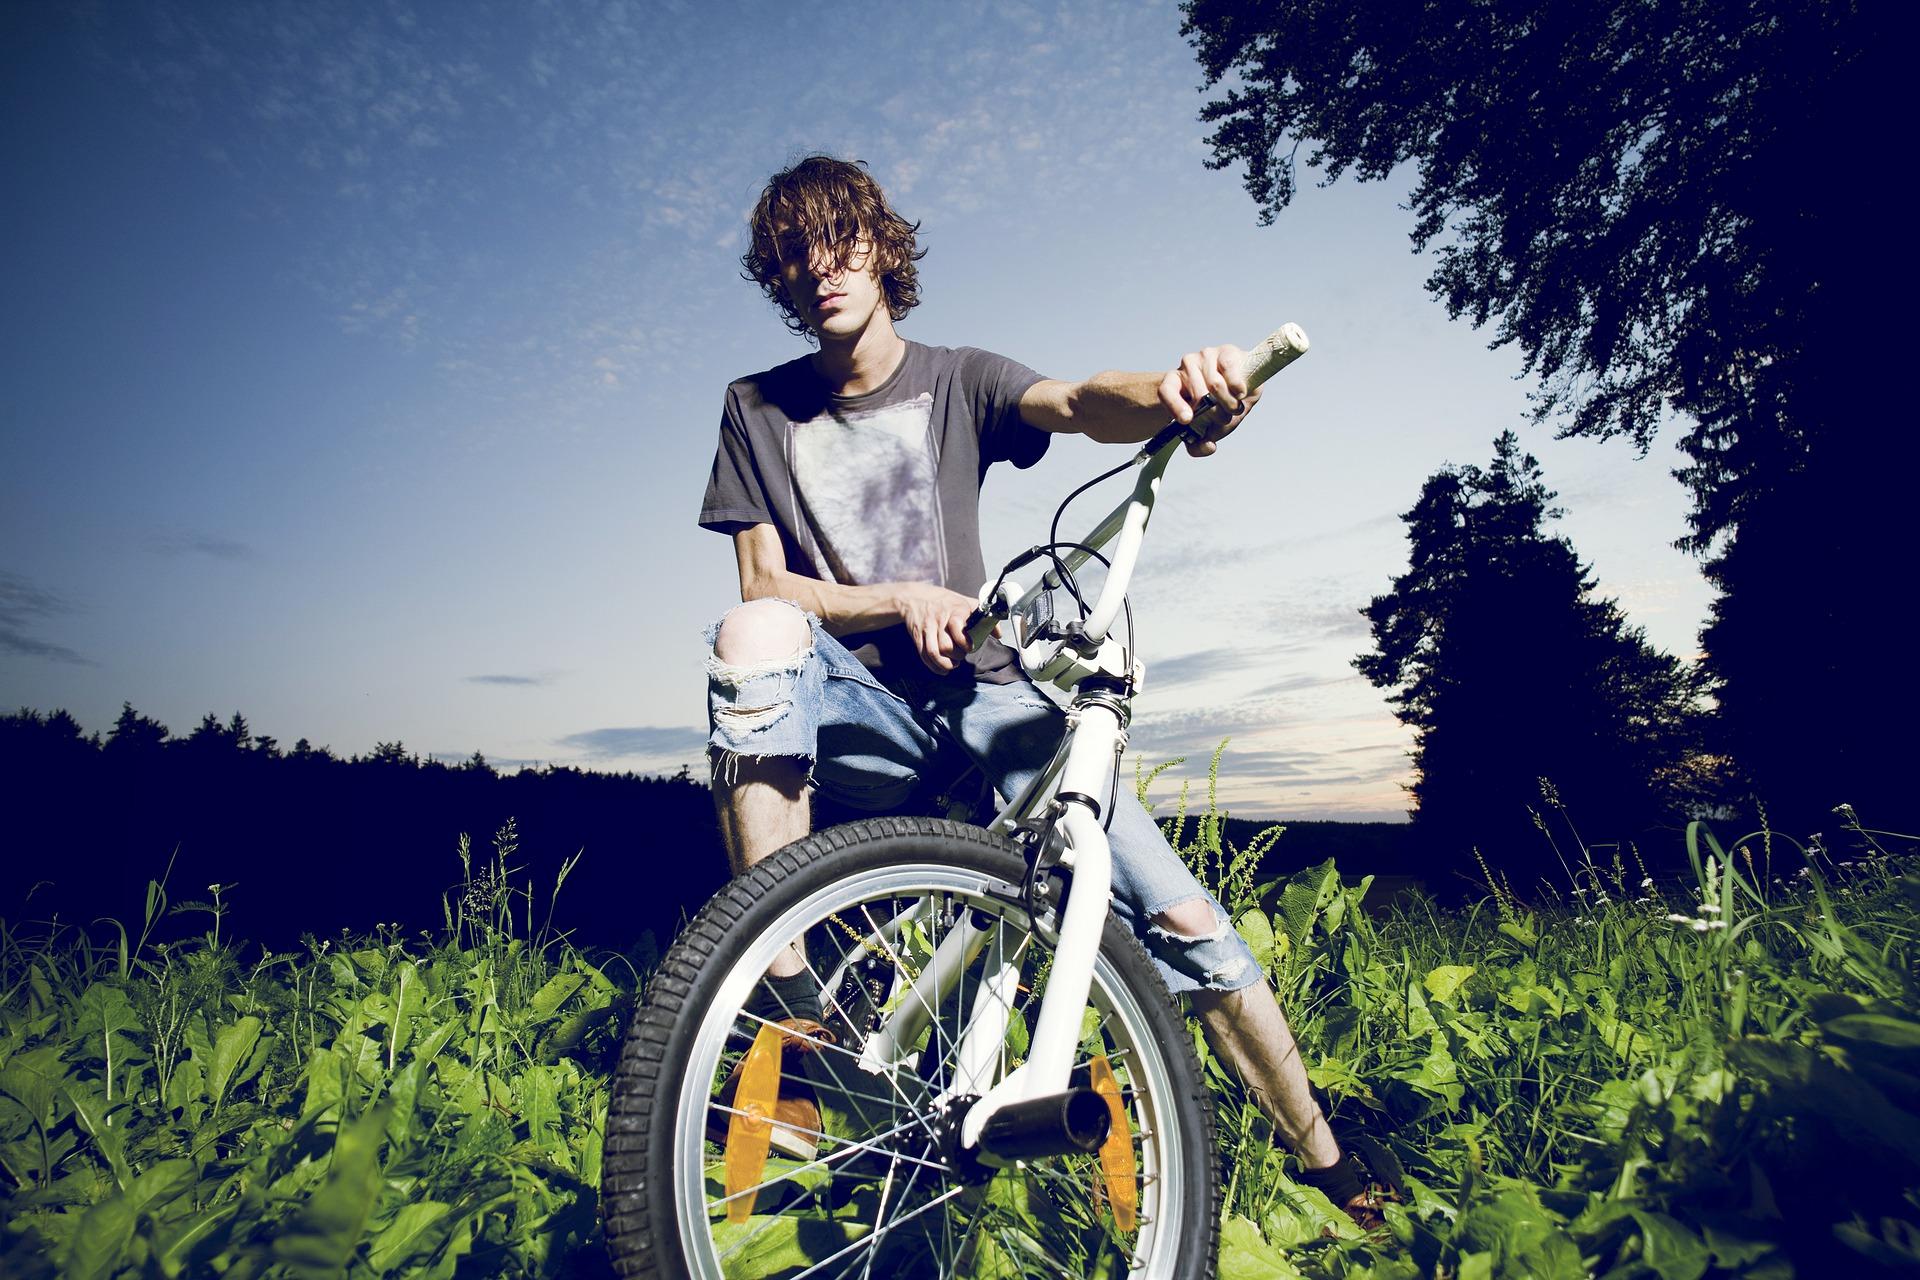 vélos de BMX - Les meilleurs vélos de BMX pour la course et le freestyle